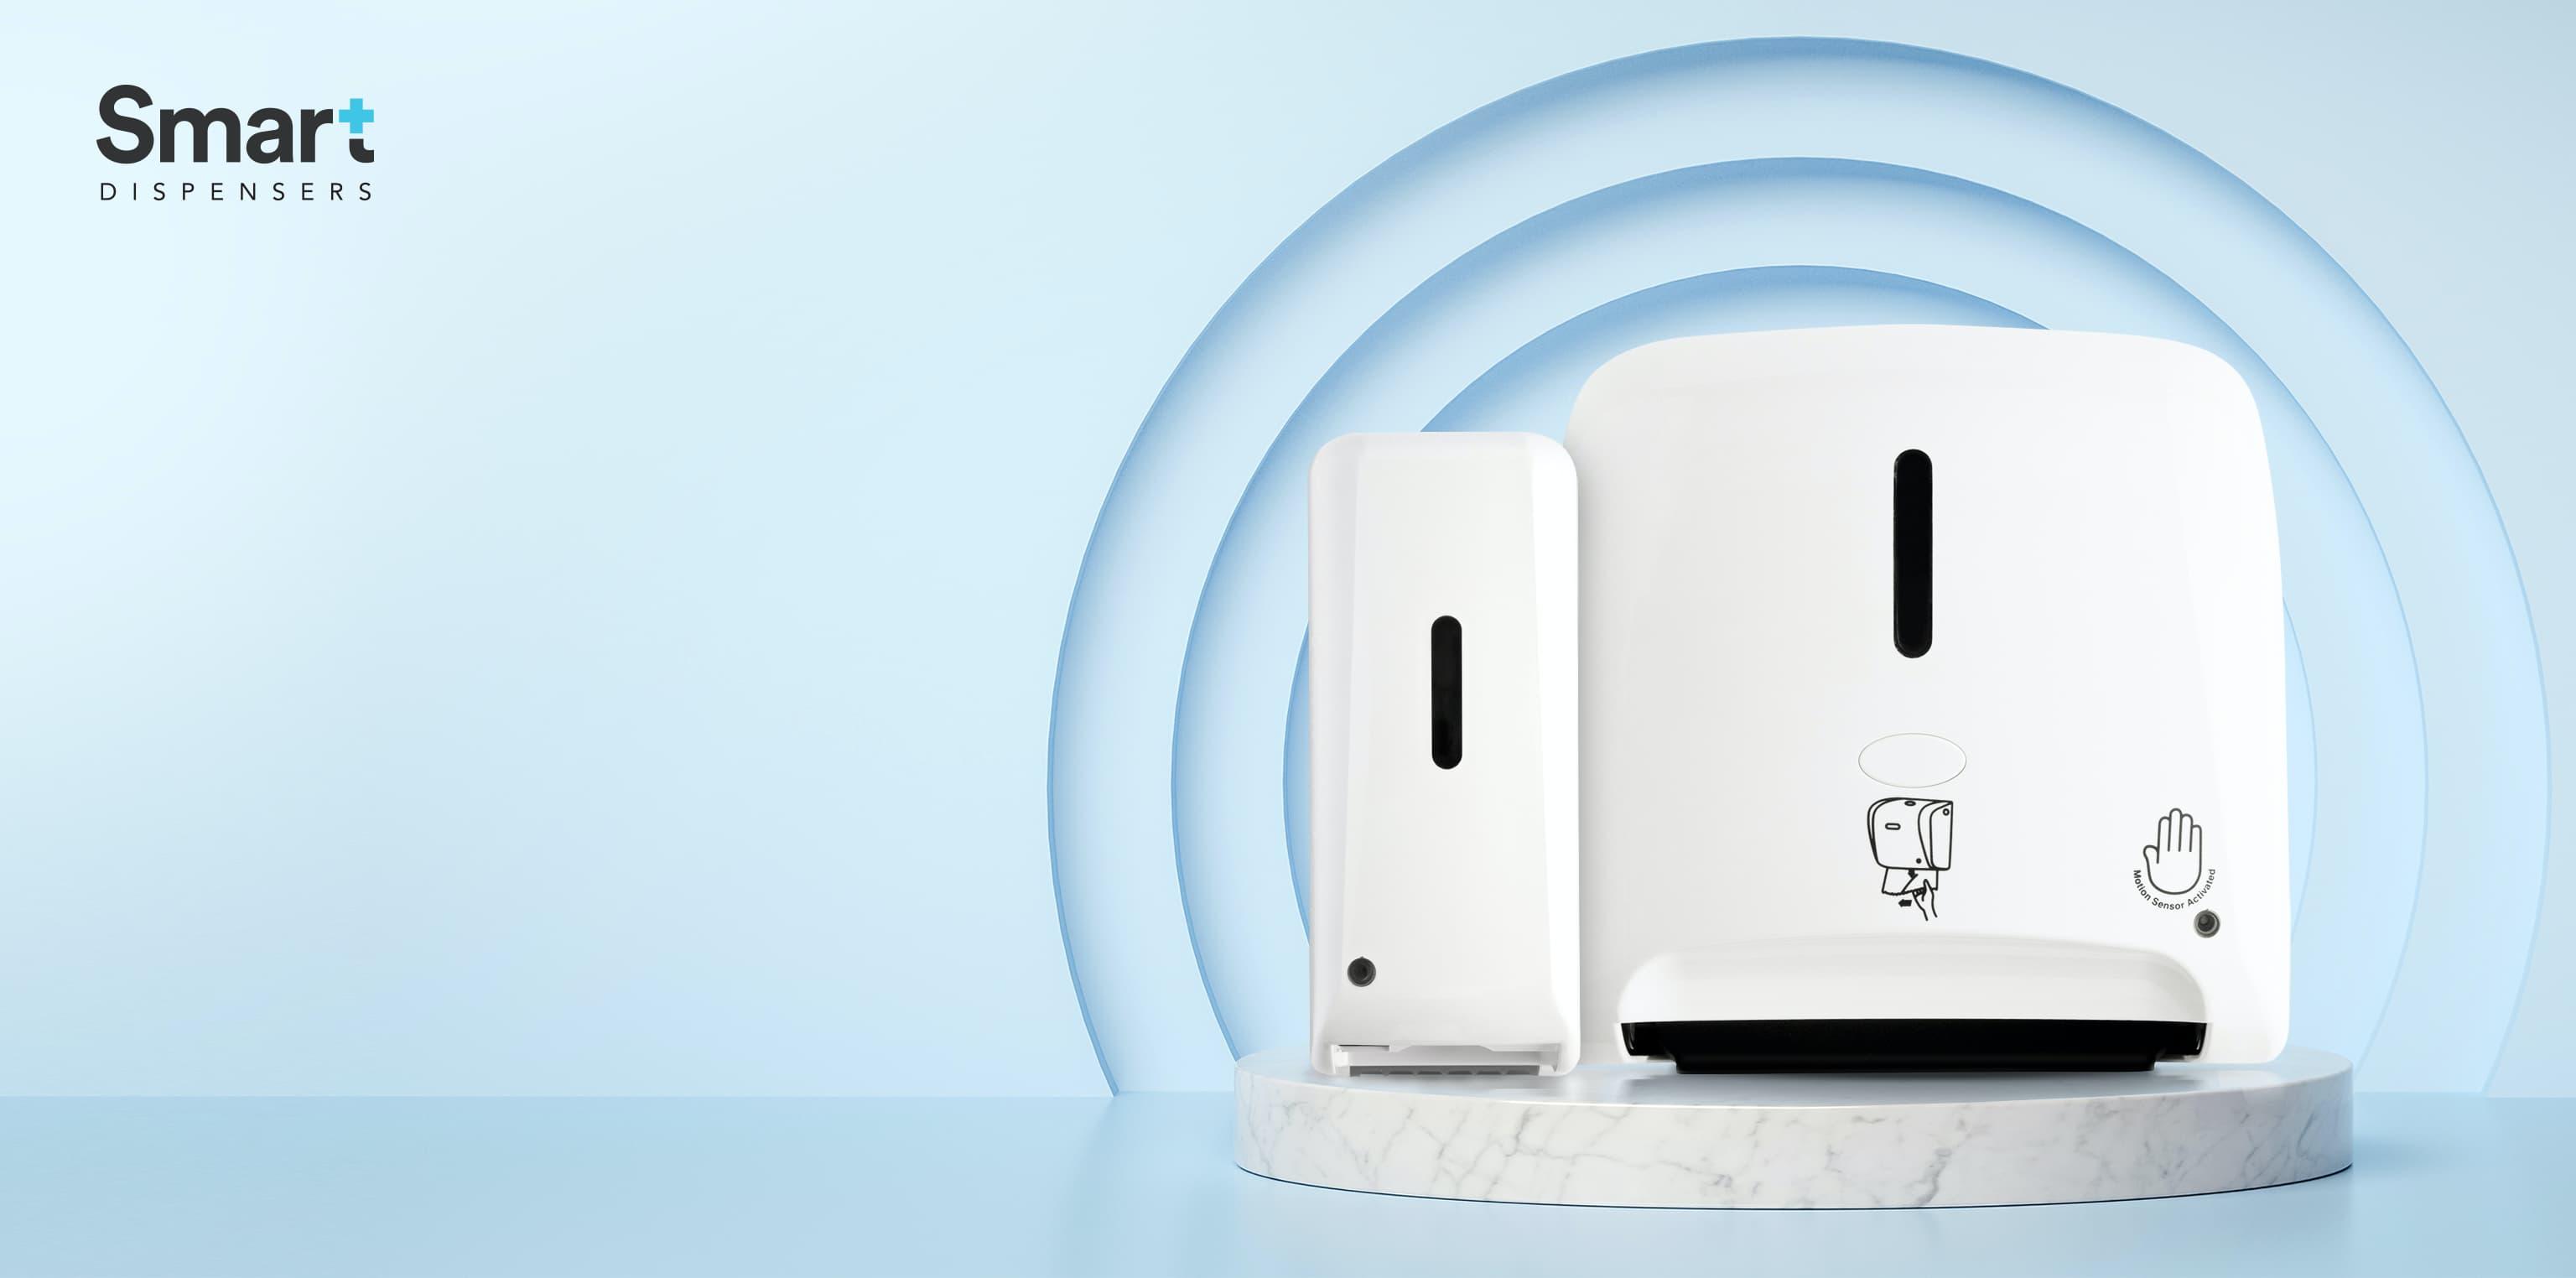 Dispensadores Inteligentes  Envían señales inalámbricas entre sí y te ahorran mucho papel.